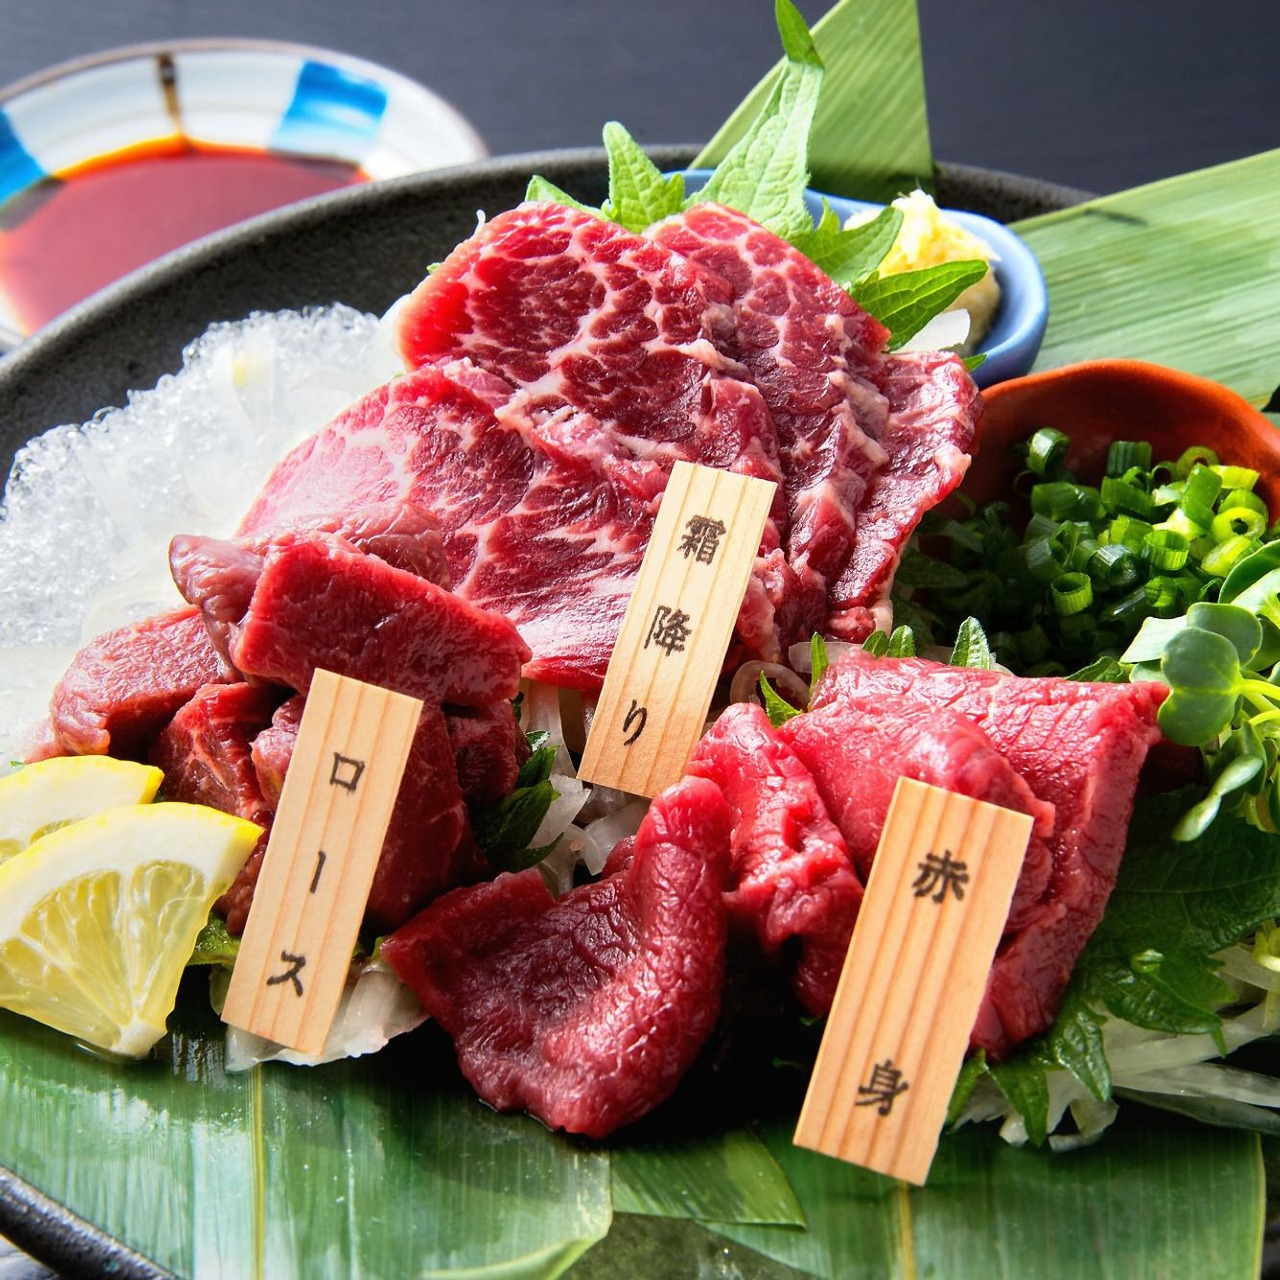 【9月限定】2時間飲み放題付き黒豚餃子含む全7品『桜島鶏の炭火炙りコース』